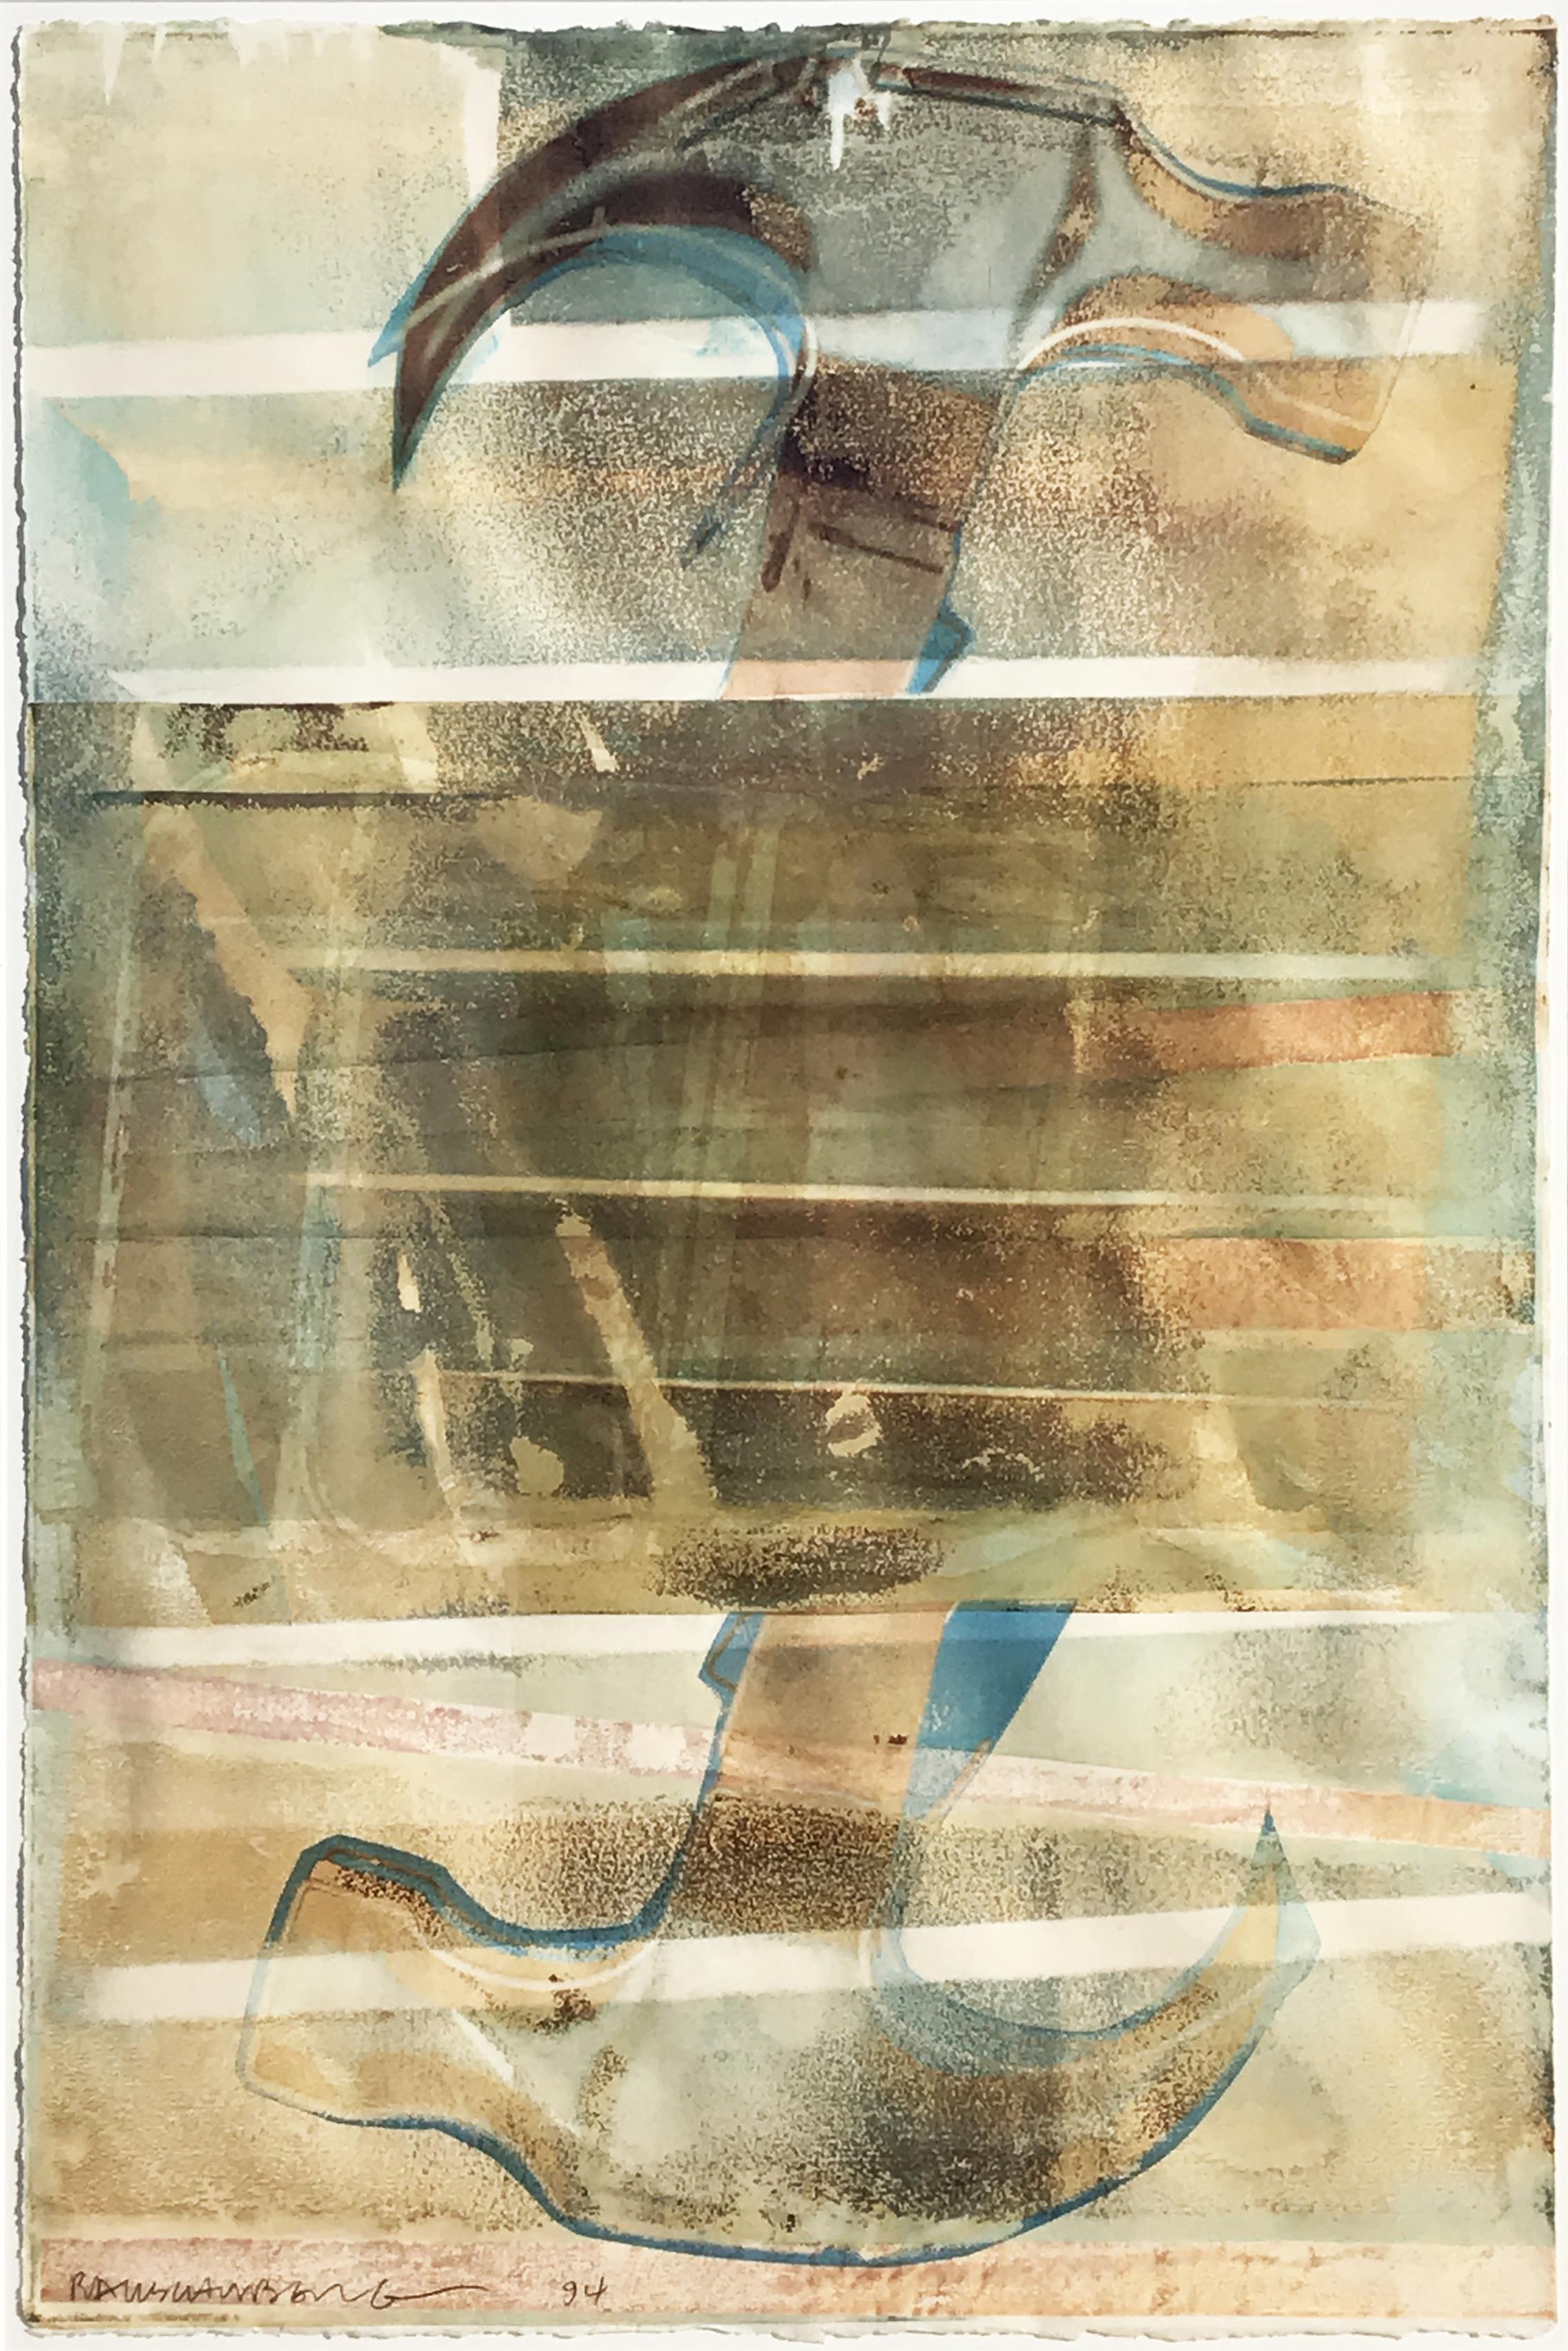 Bang-Bang (Waterworks), 1994. RR 94.032